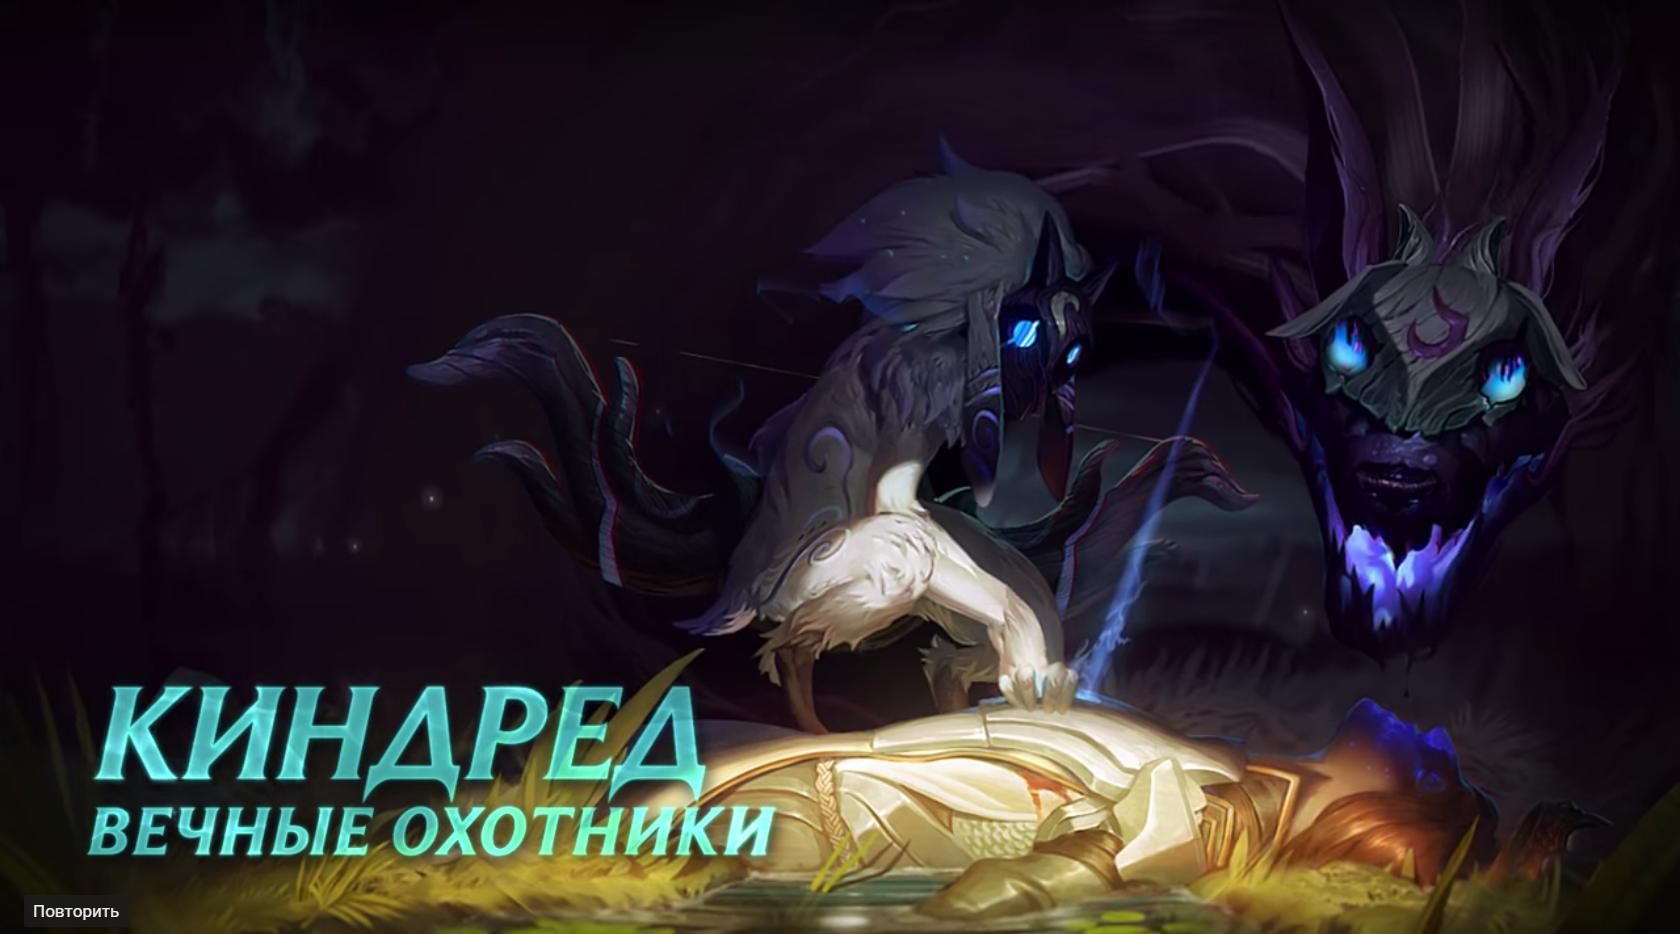 Обзор чемпиона Киндред Вечные Охотники из Лиги Легенд (гайд)